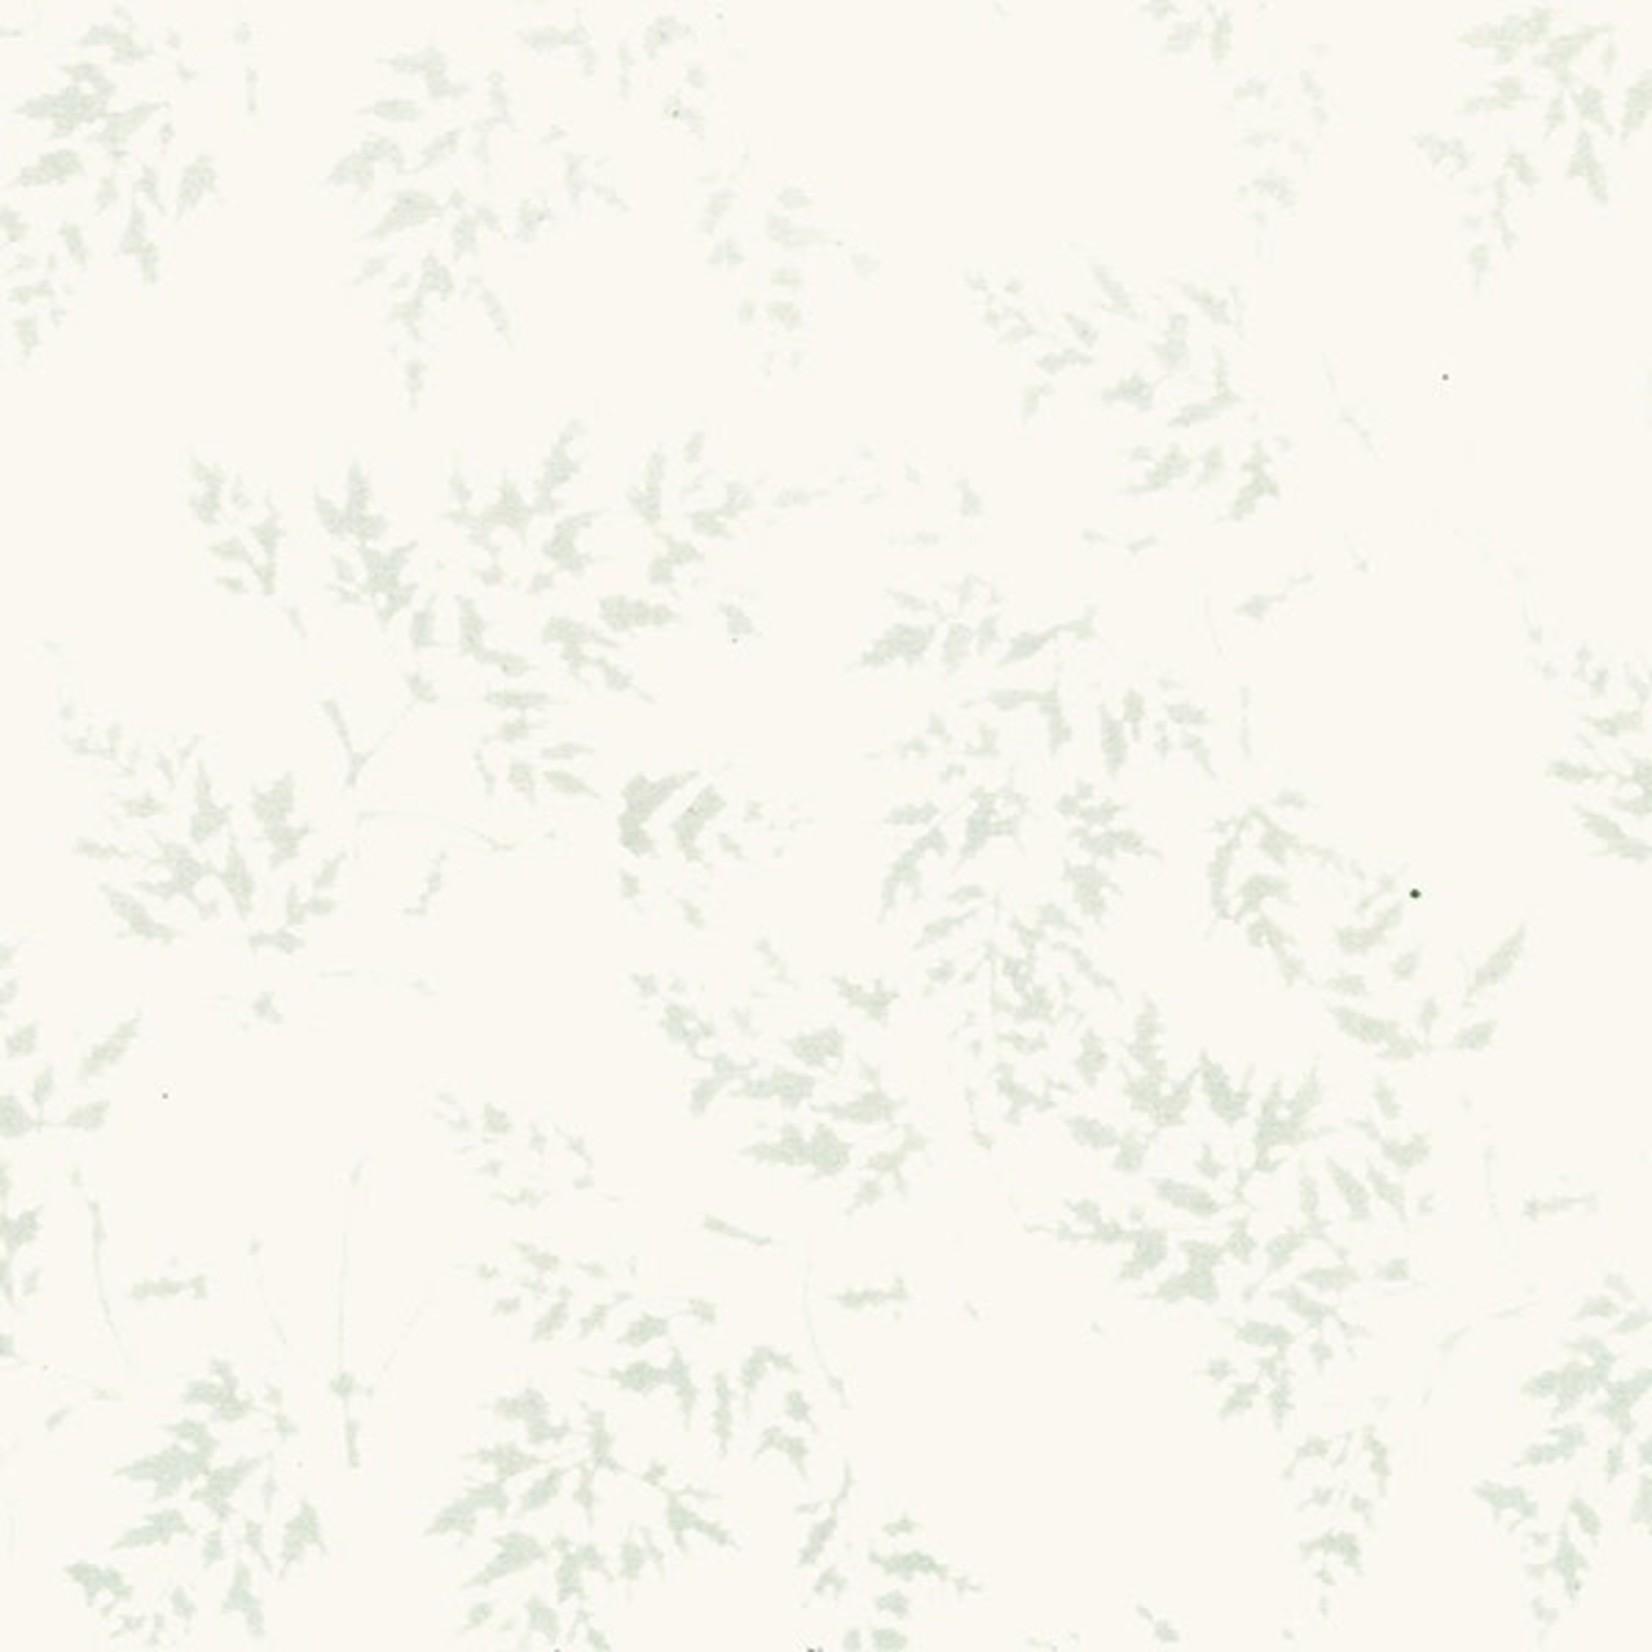 Hoffman Bali Batiks, Mist Leaves 2354-521 $0.20 per cm or $20/m